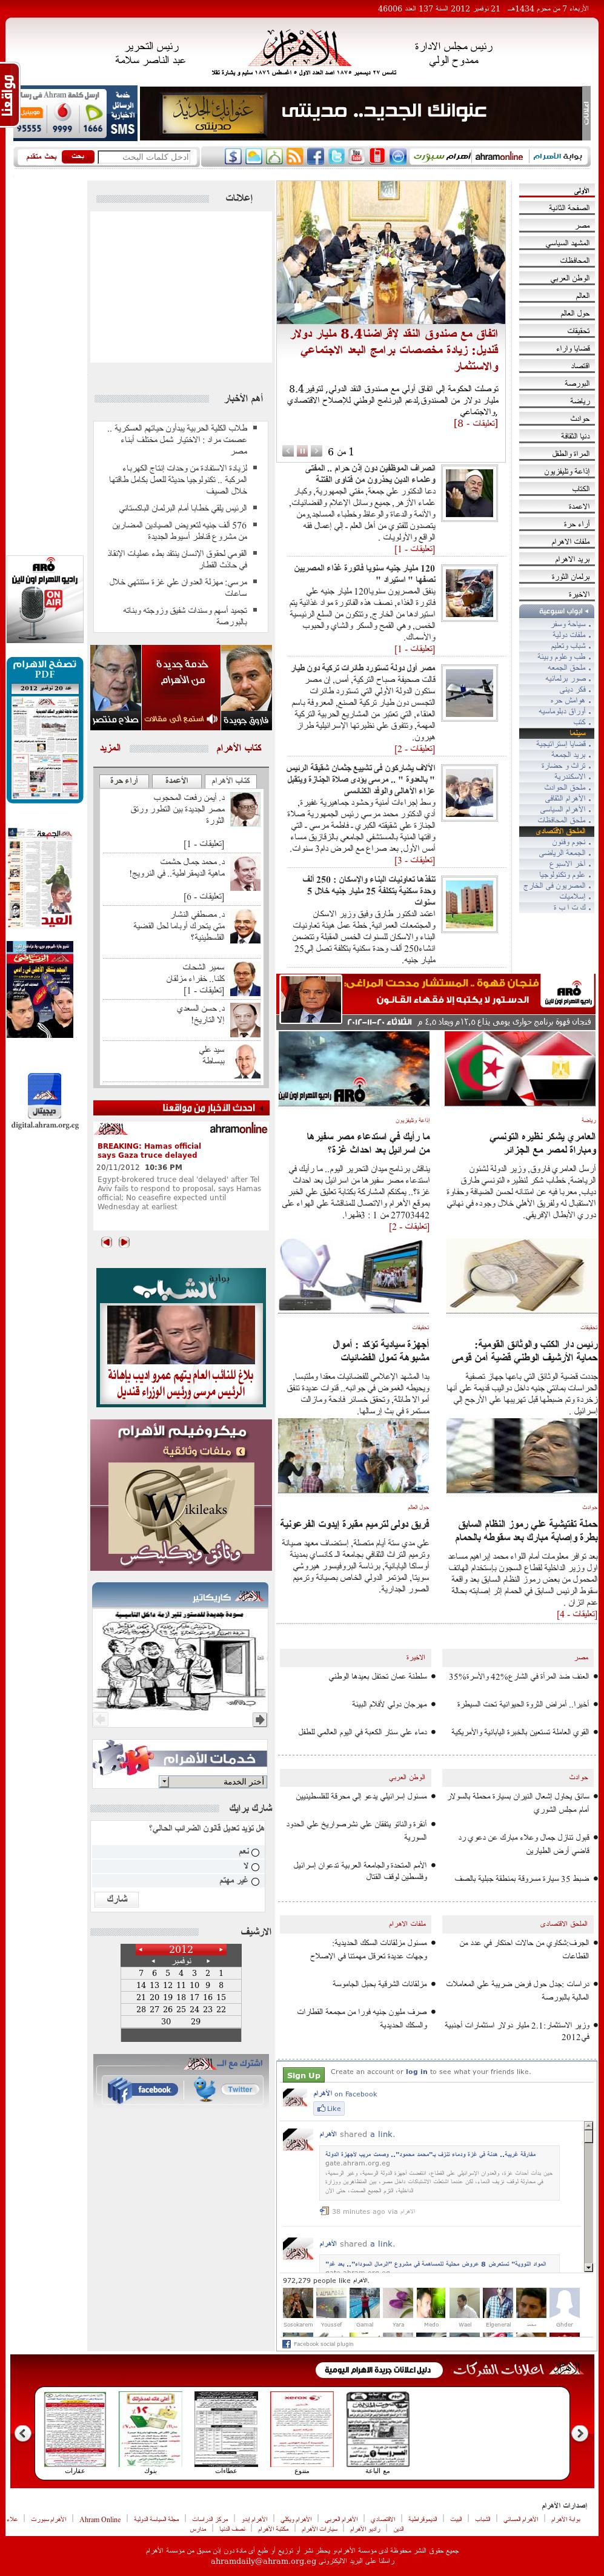 Al-Ahram at Tuesday Nov. 20, 2012, 11 p.m. UTC